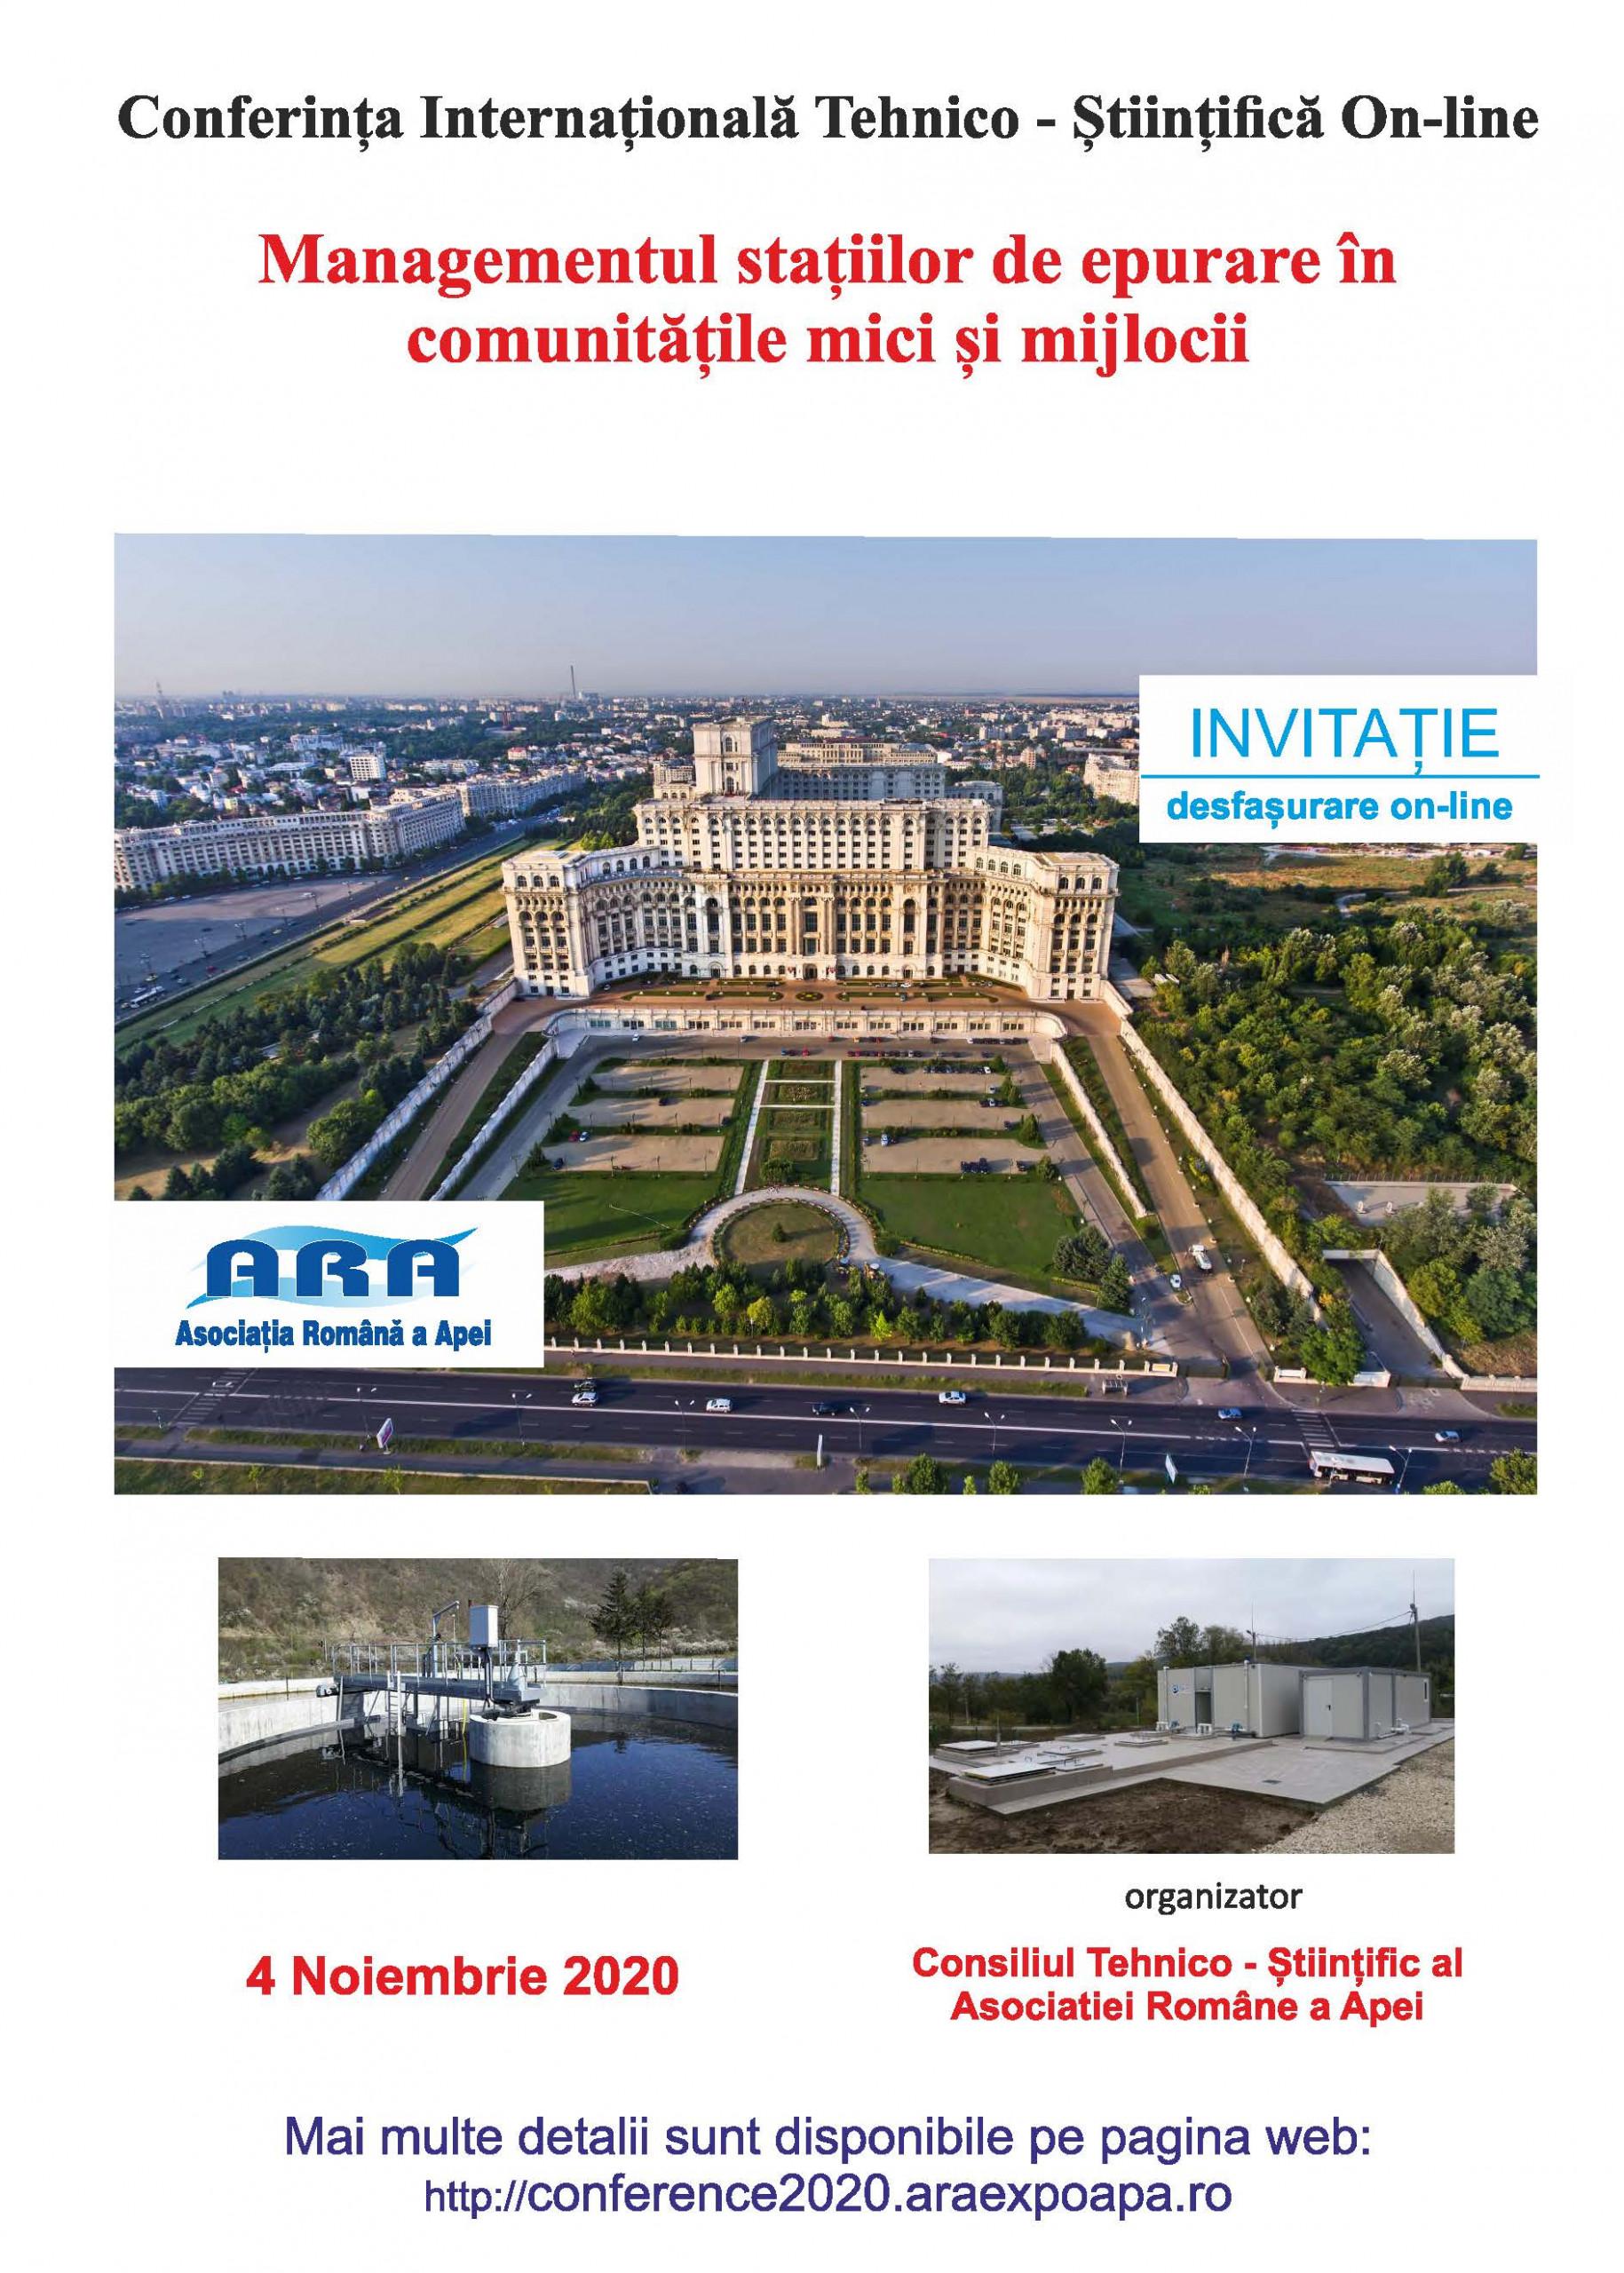 Conferinta Internationala – MANAGEMENTUL STAȚIILOR DE EPURARE ÎN COMUNITĂȚILE MICI ȘI MIJLOCII 2020